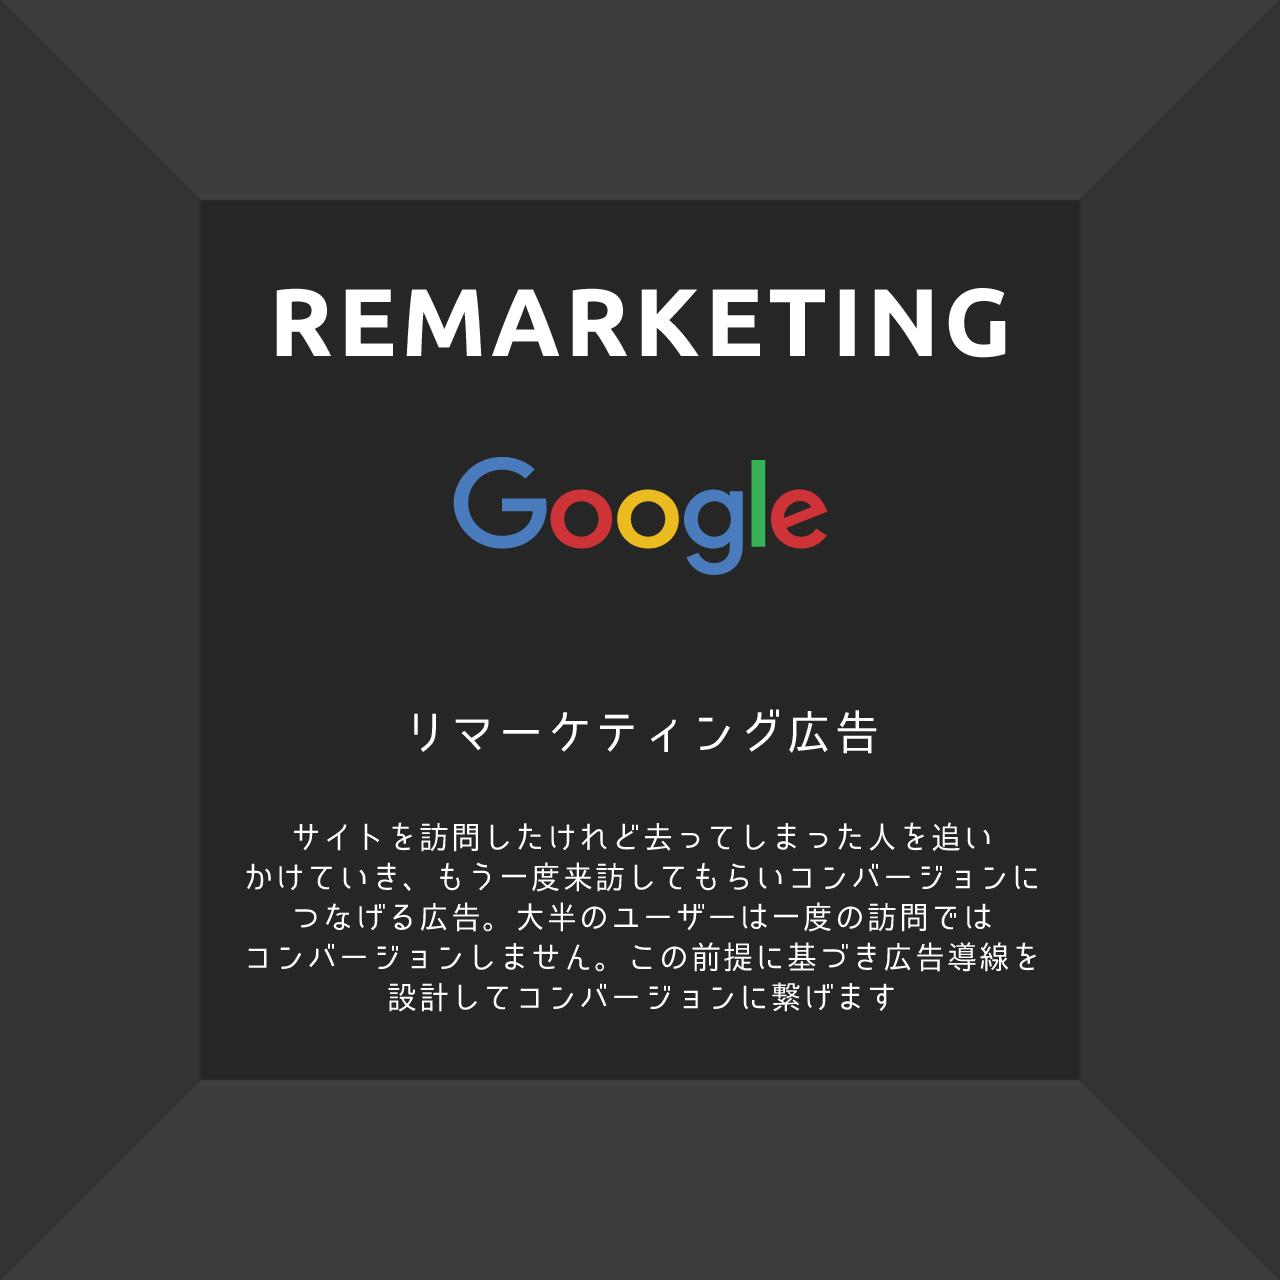 リマーケティング広告